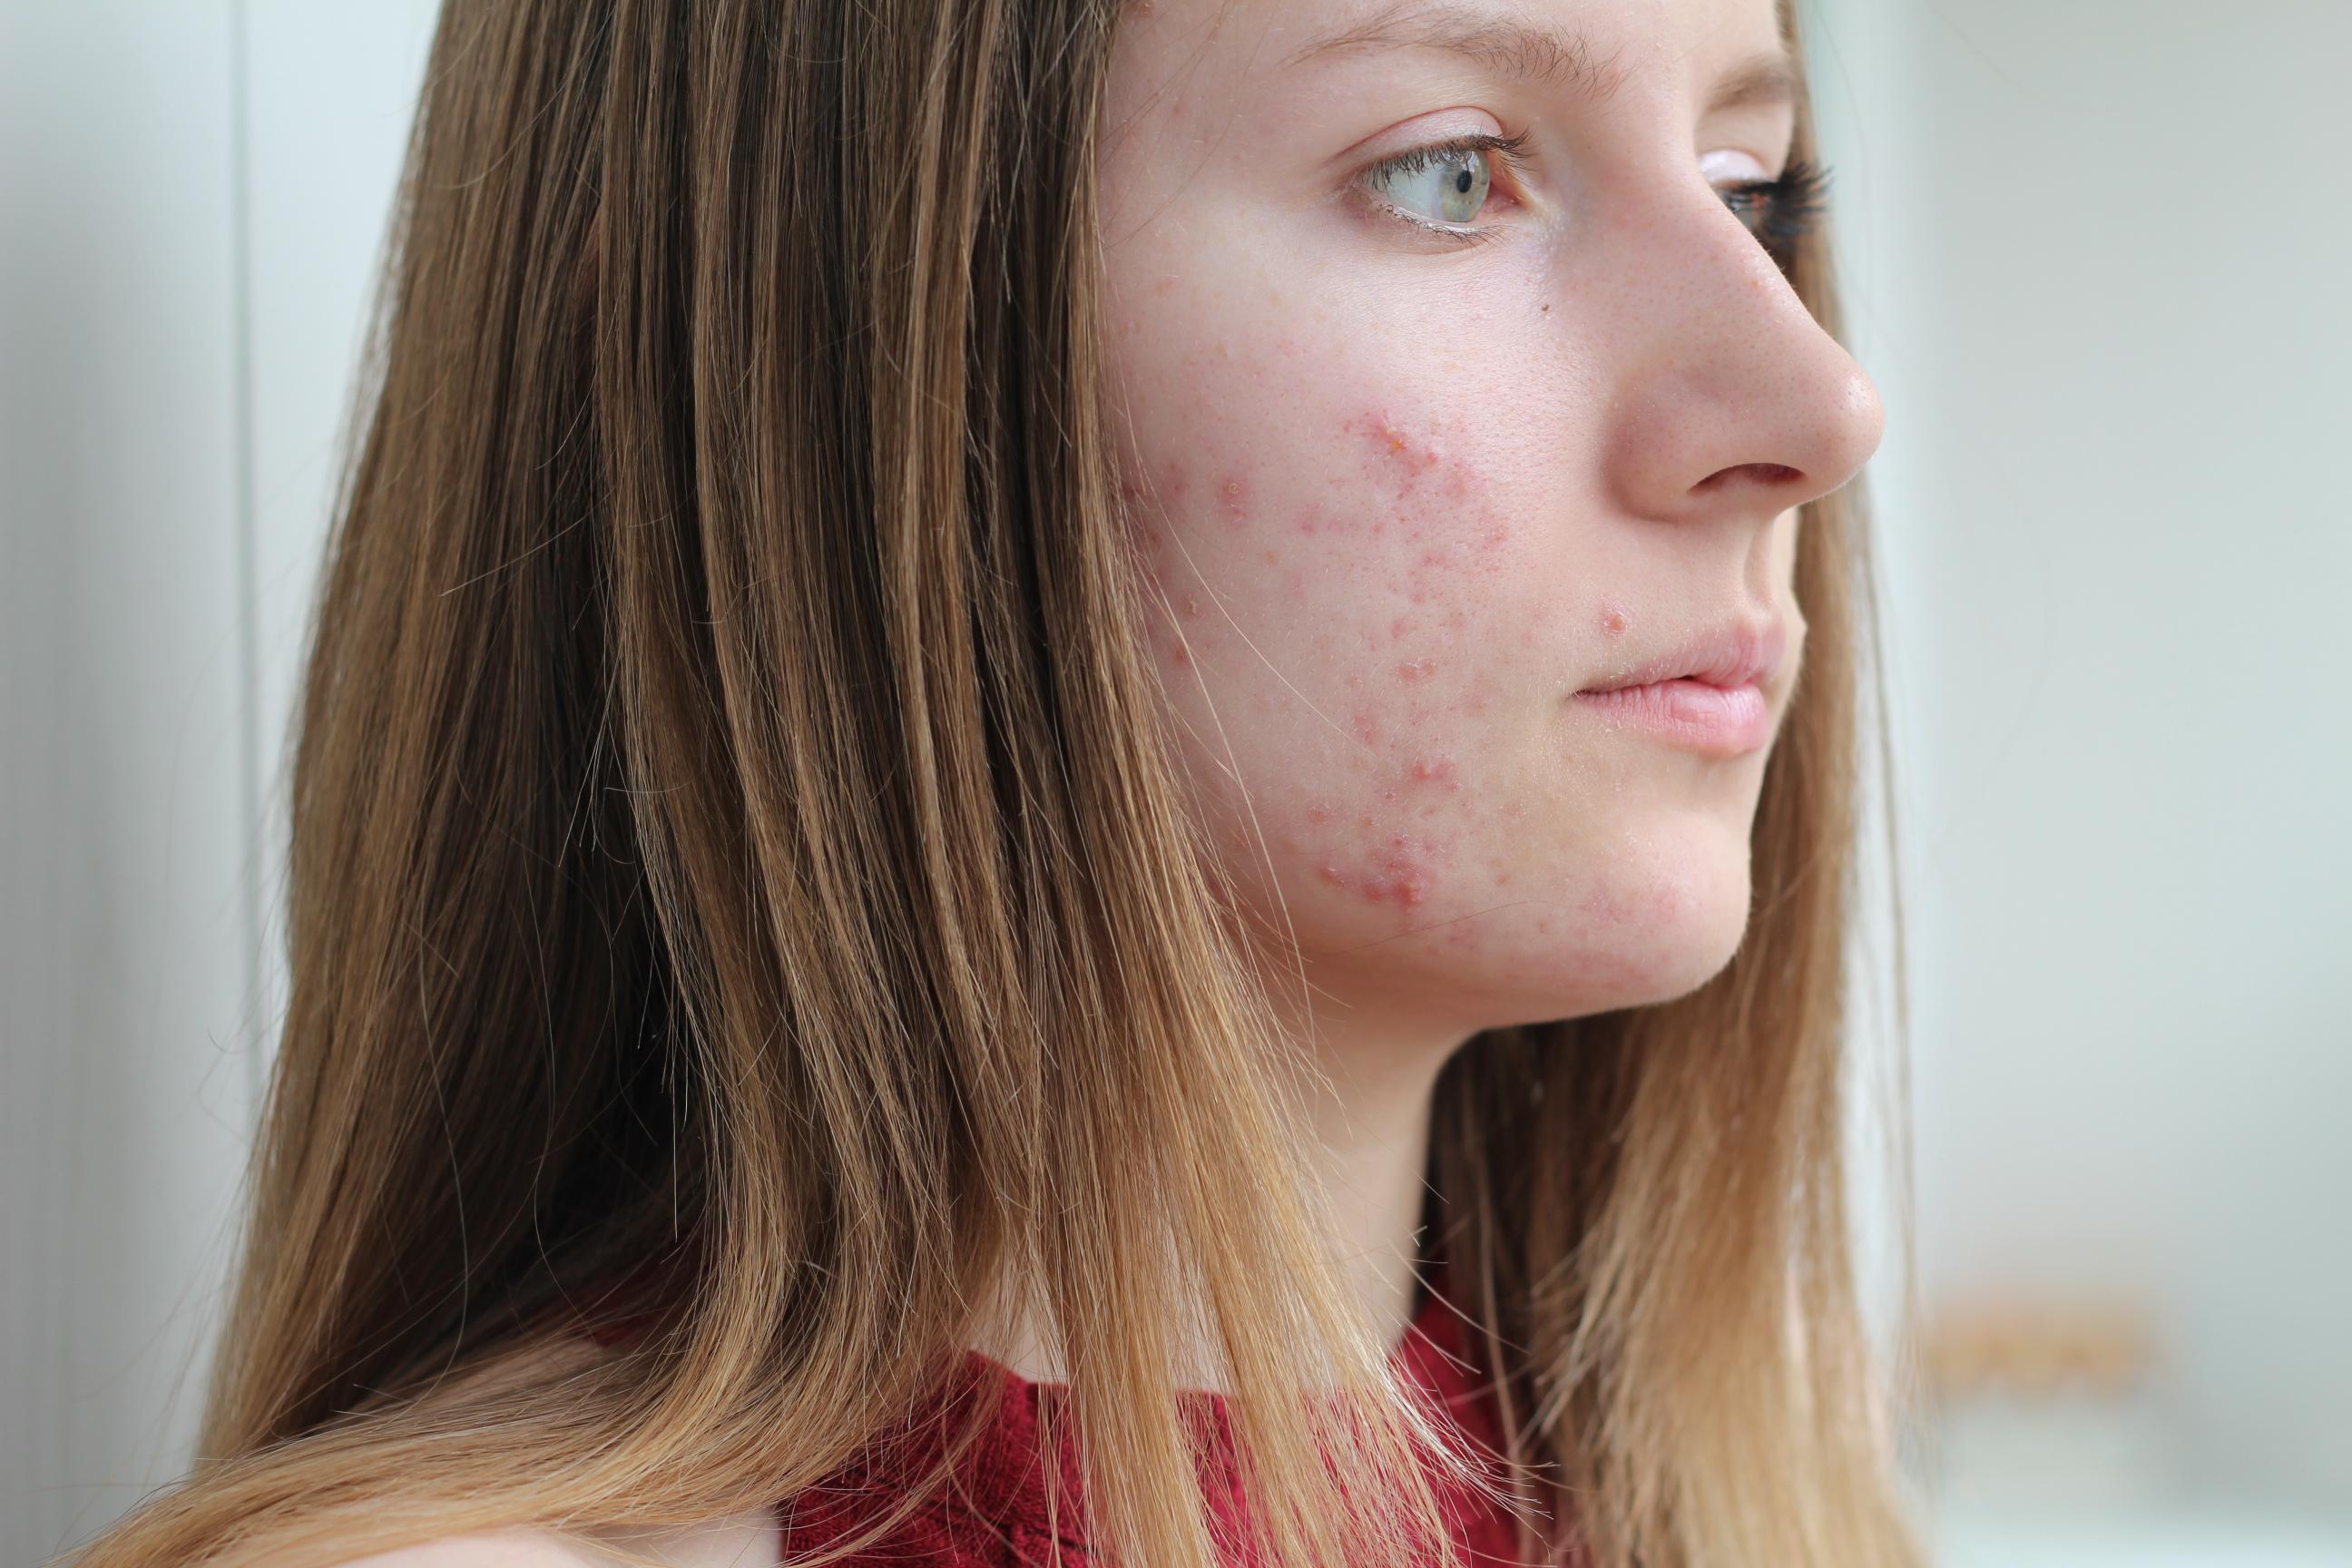 Flickor får akne tidigare än pojkar vilket hänger ihop med att puberteten inträder tidigare hos dem.